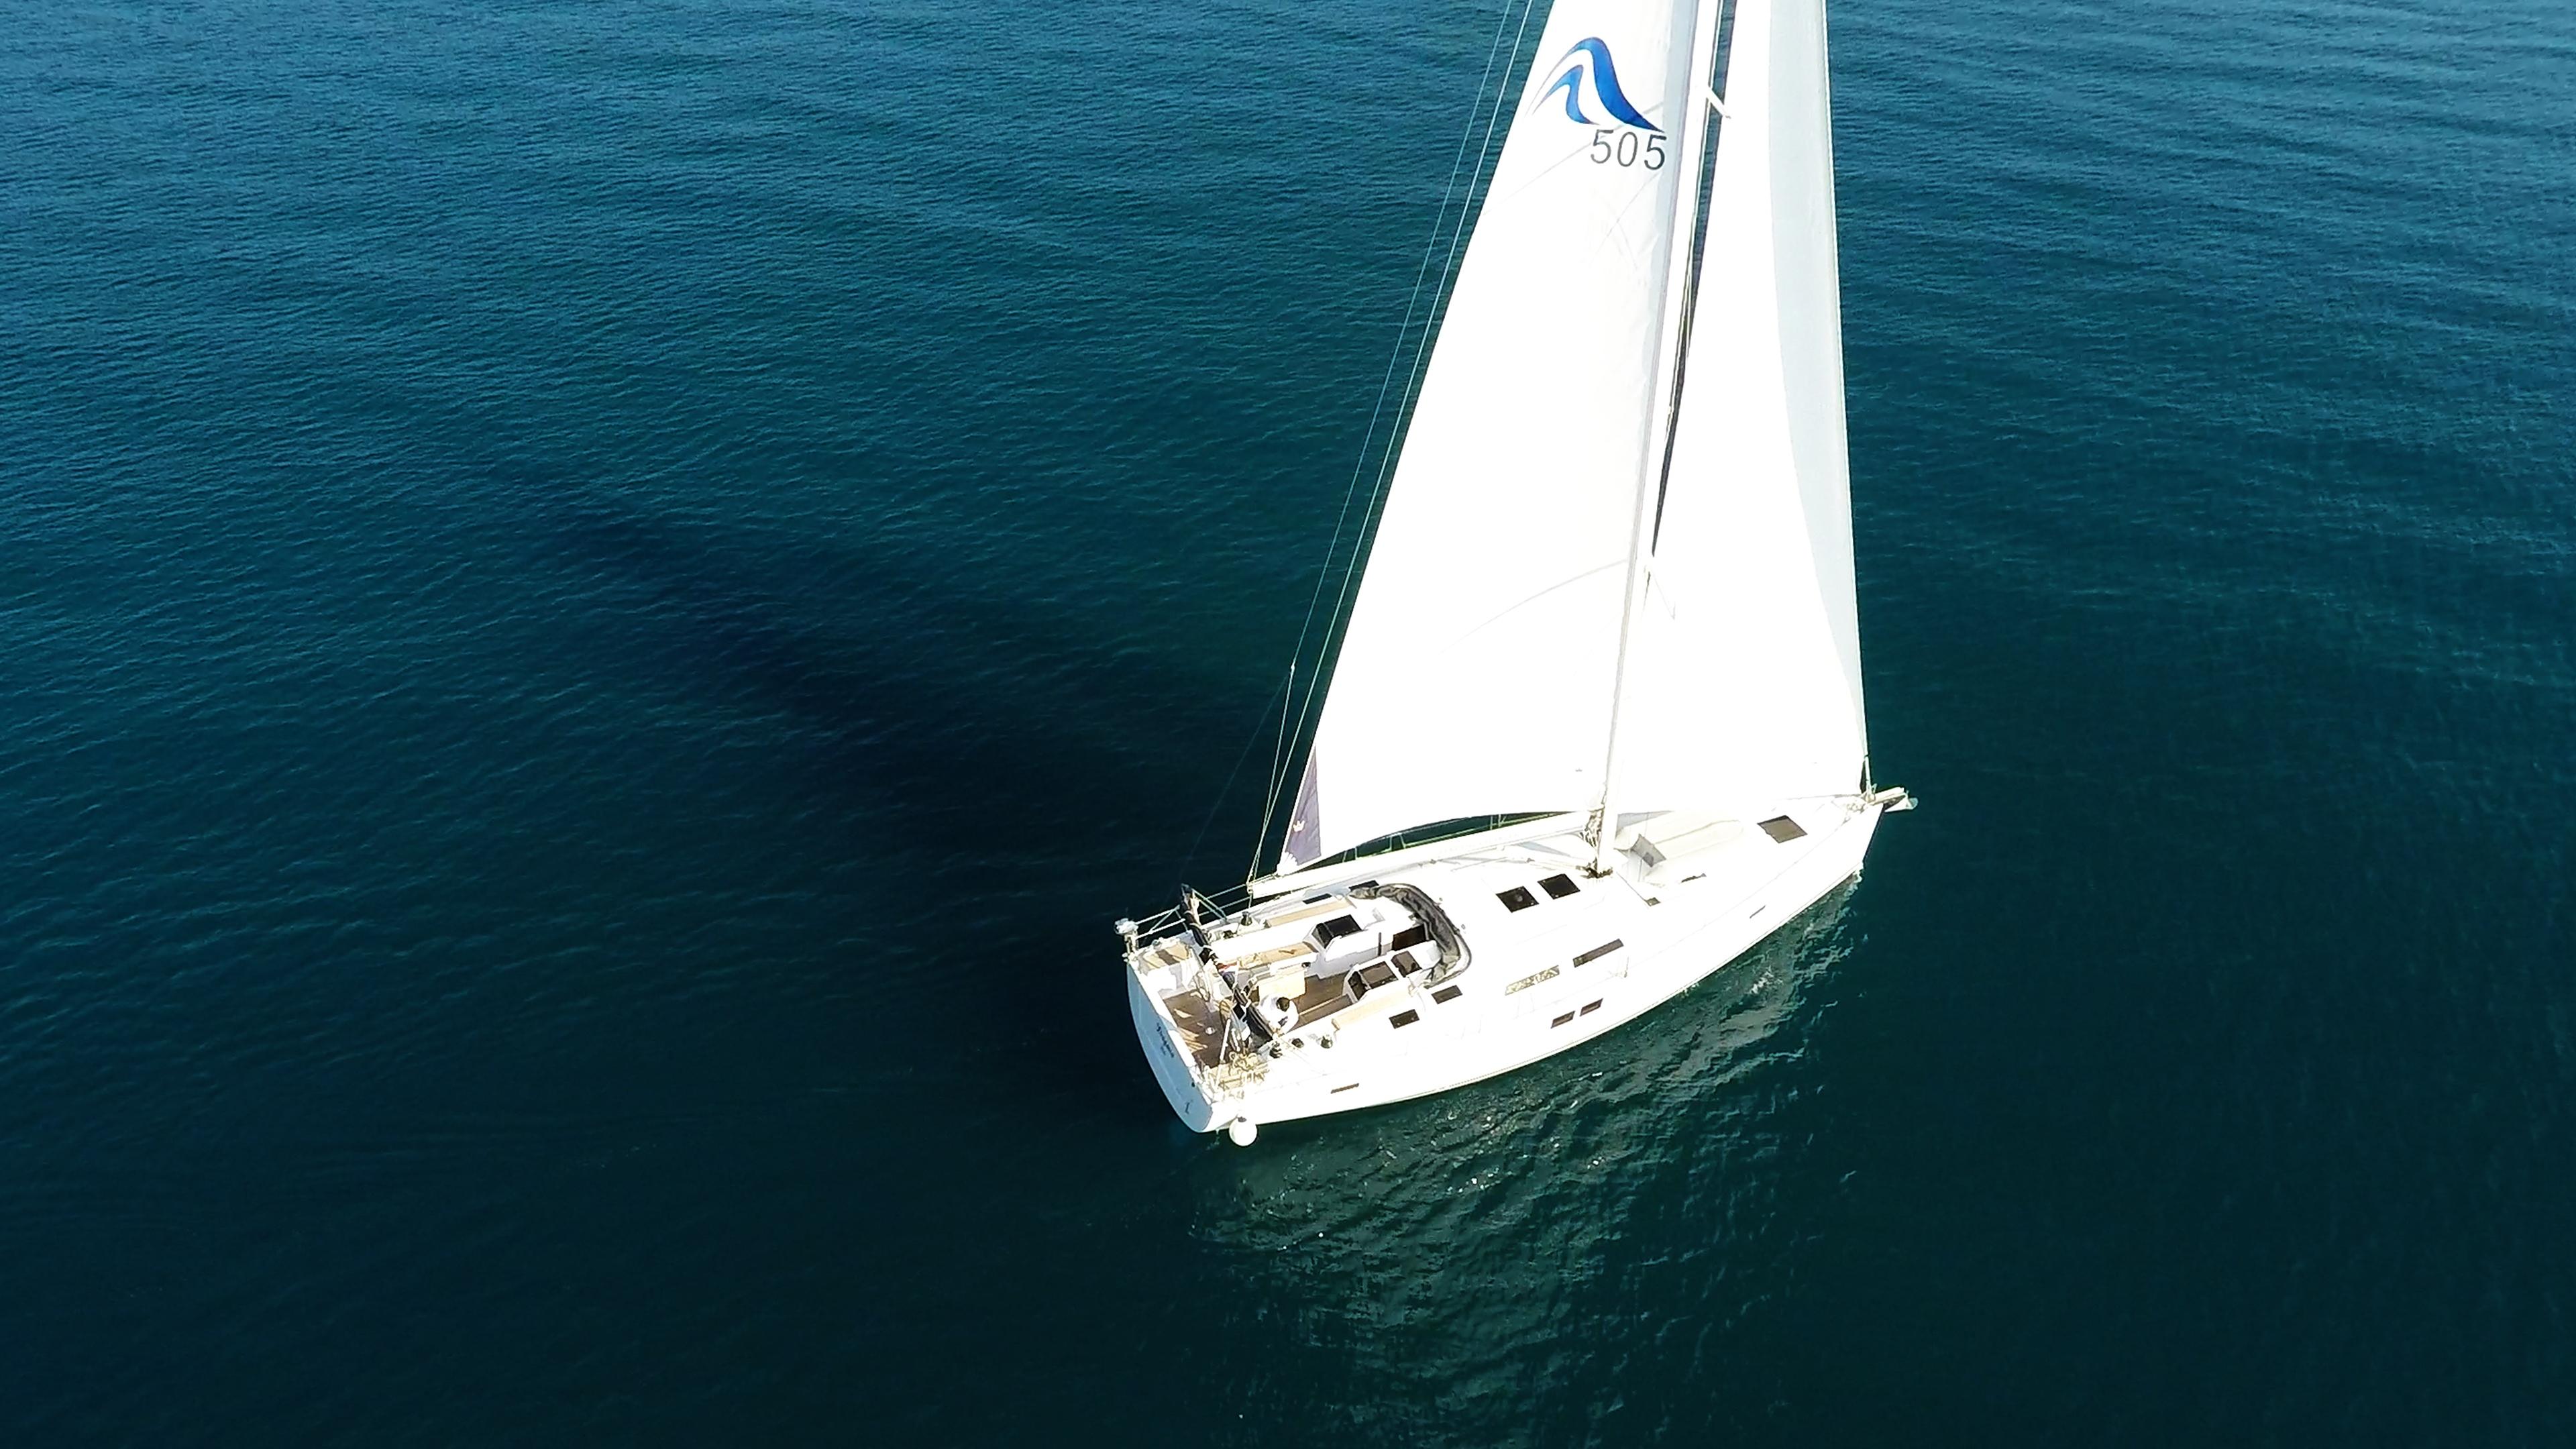 barcha a vela barca a vela randa genovaal mare blu